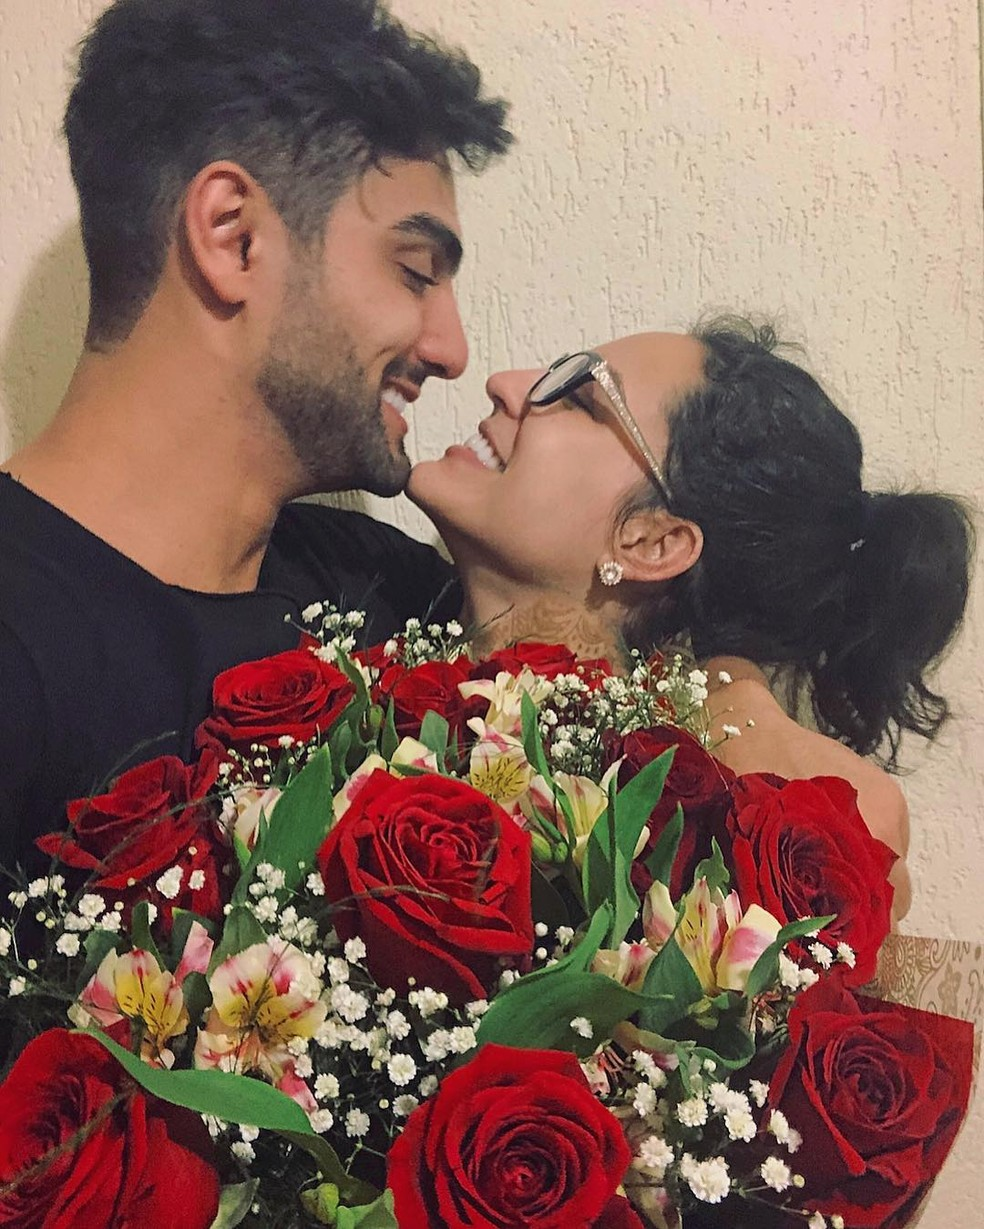 Flores vermelhas para comemorar o amor. Atriz gosta de pequenos gestos no dia a dia  — Foto: Arquivo Pessoal